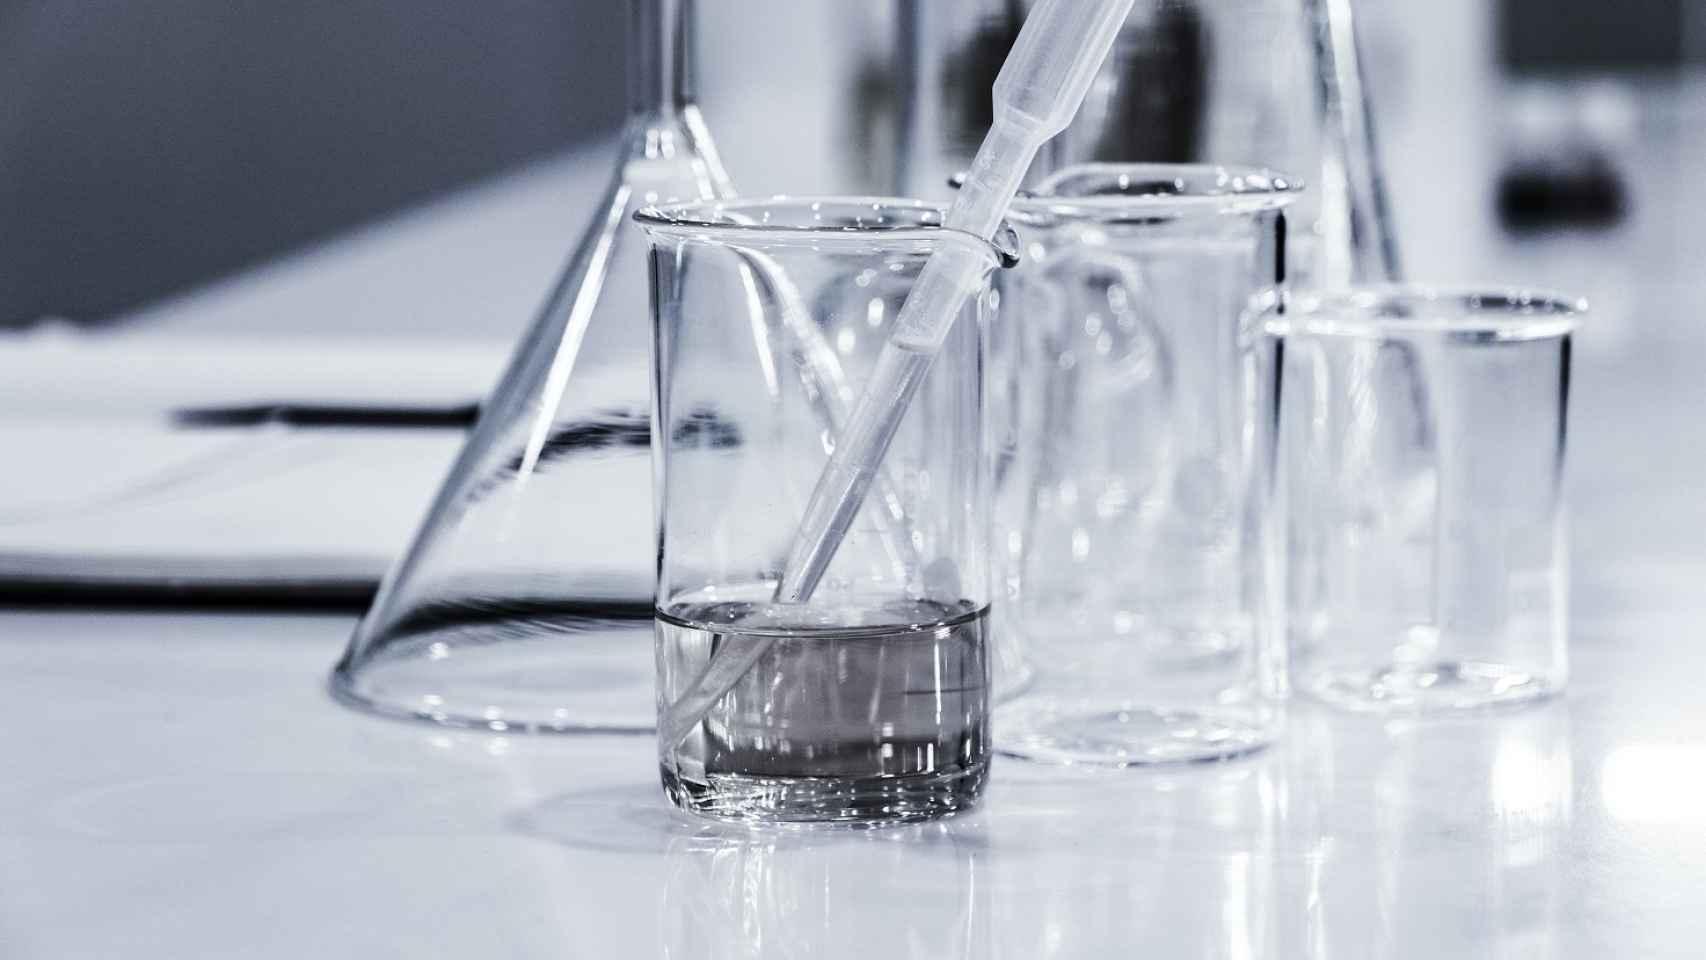 Material para realizar pruebas de laboratorio.